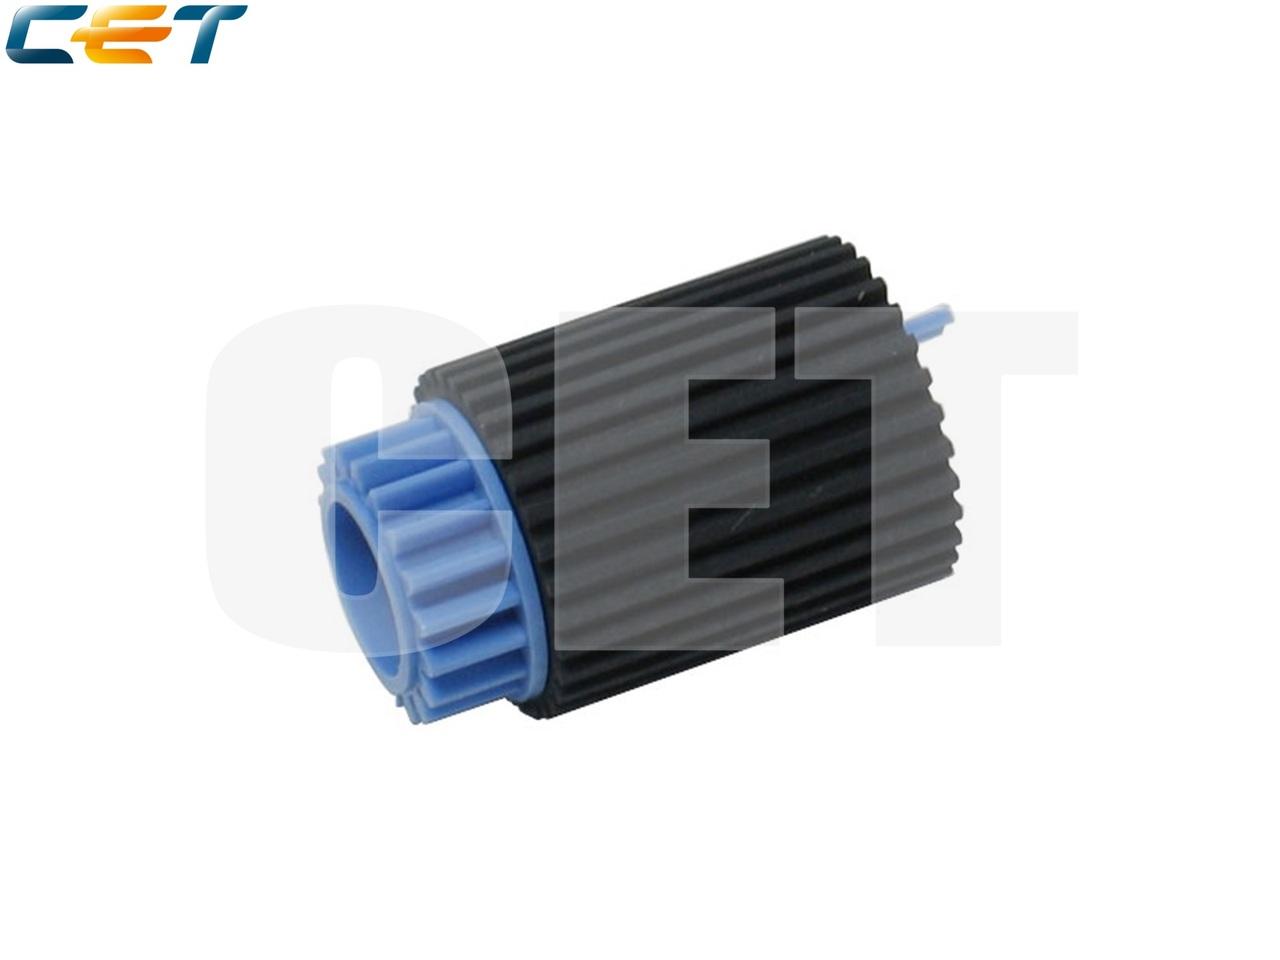 Ролик подхвата обходного лотка AF03-0049 для RICOH Aficio1035/1045 (CET), CET6434